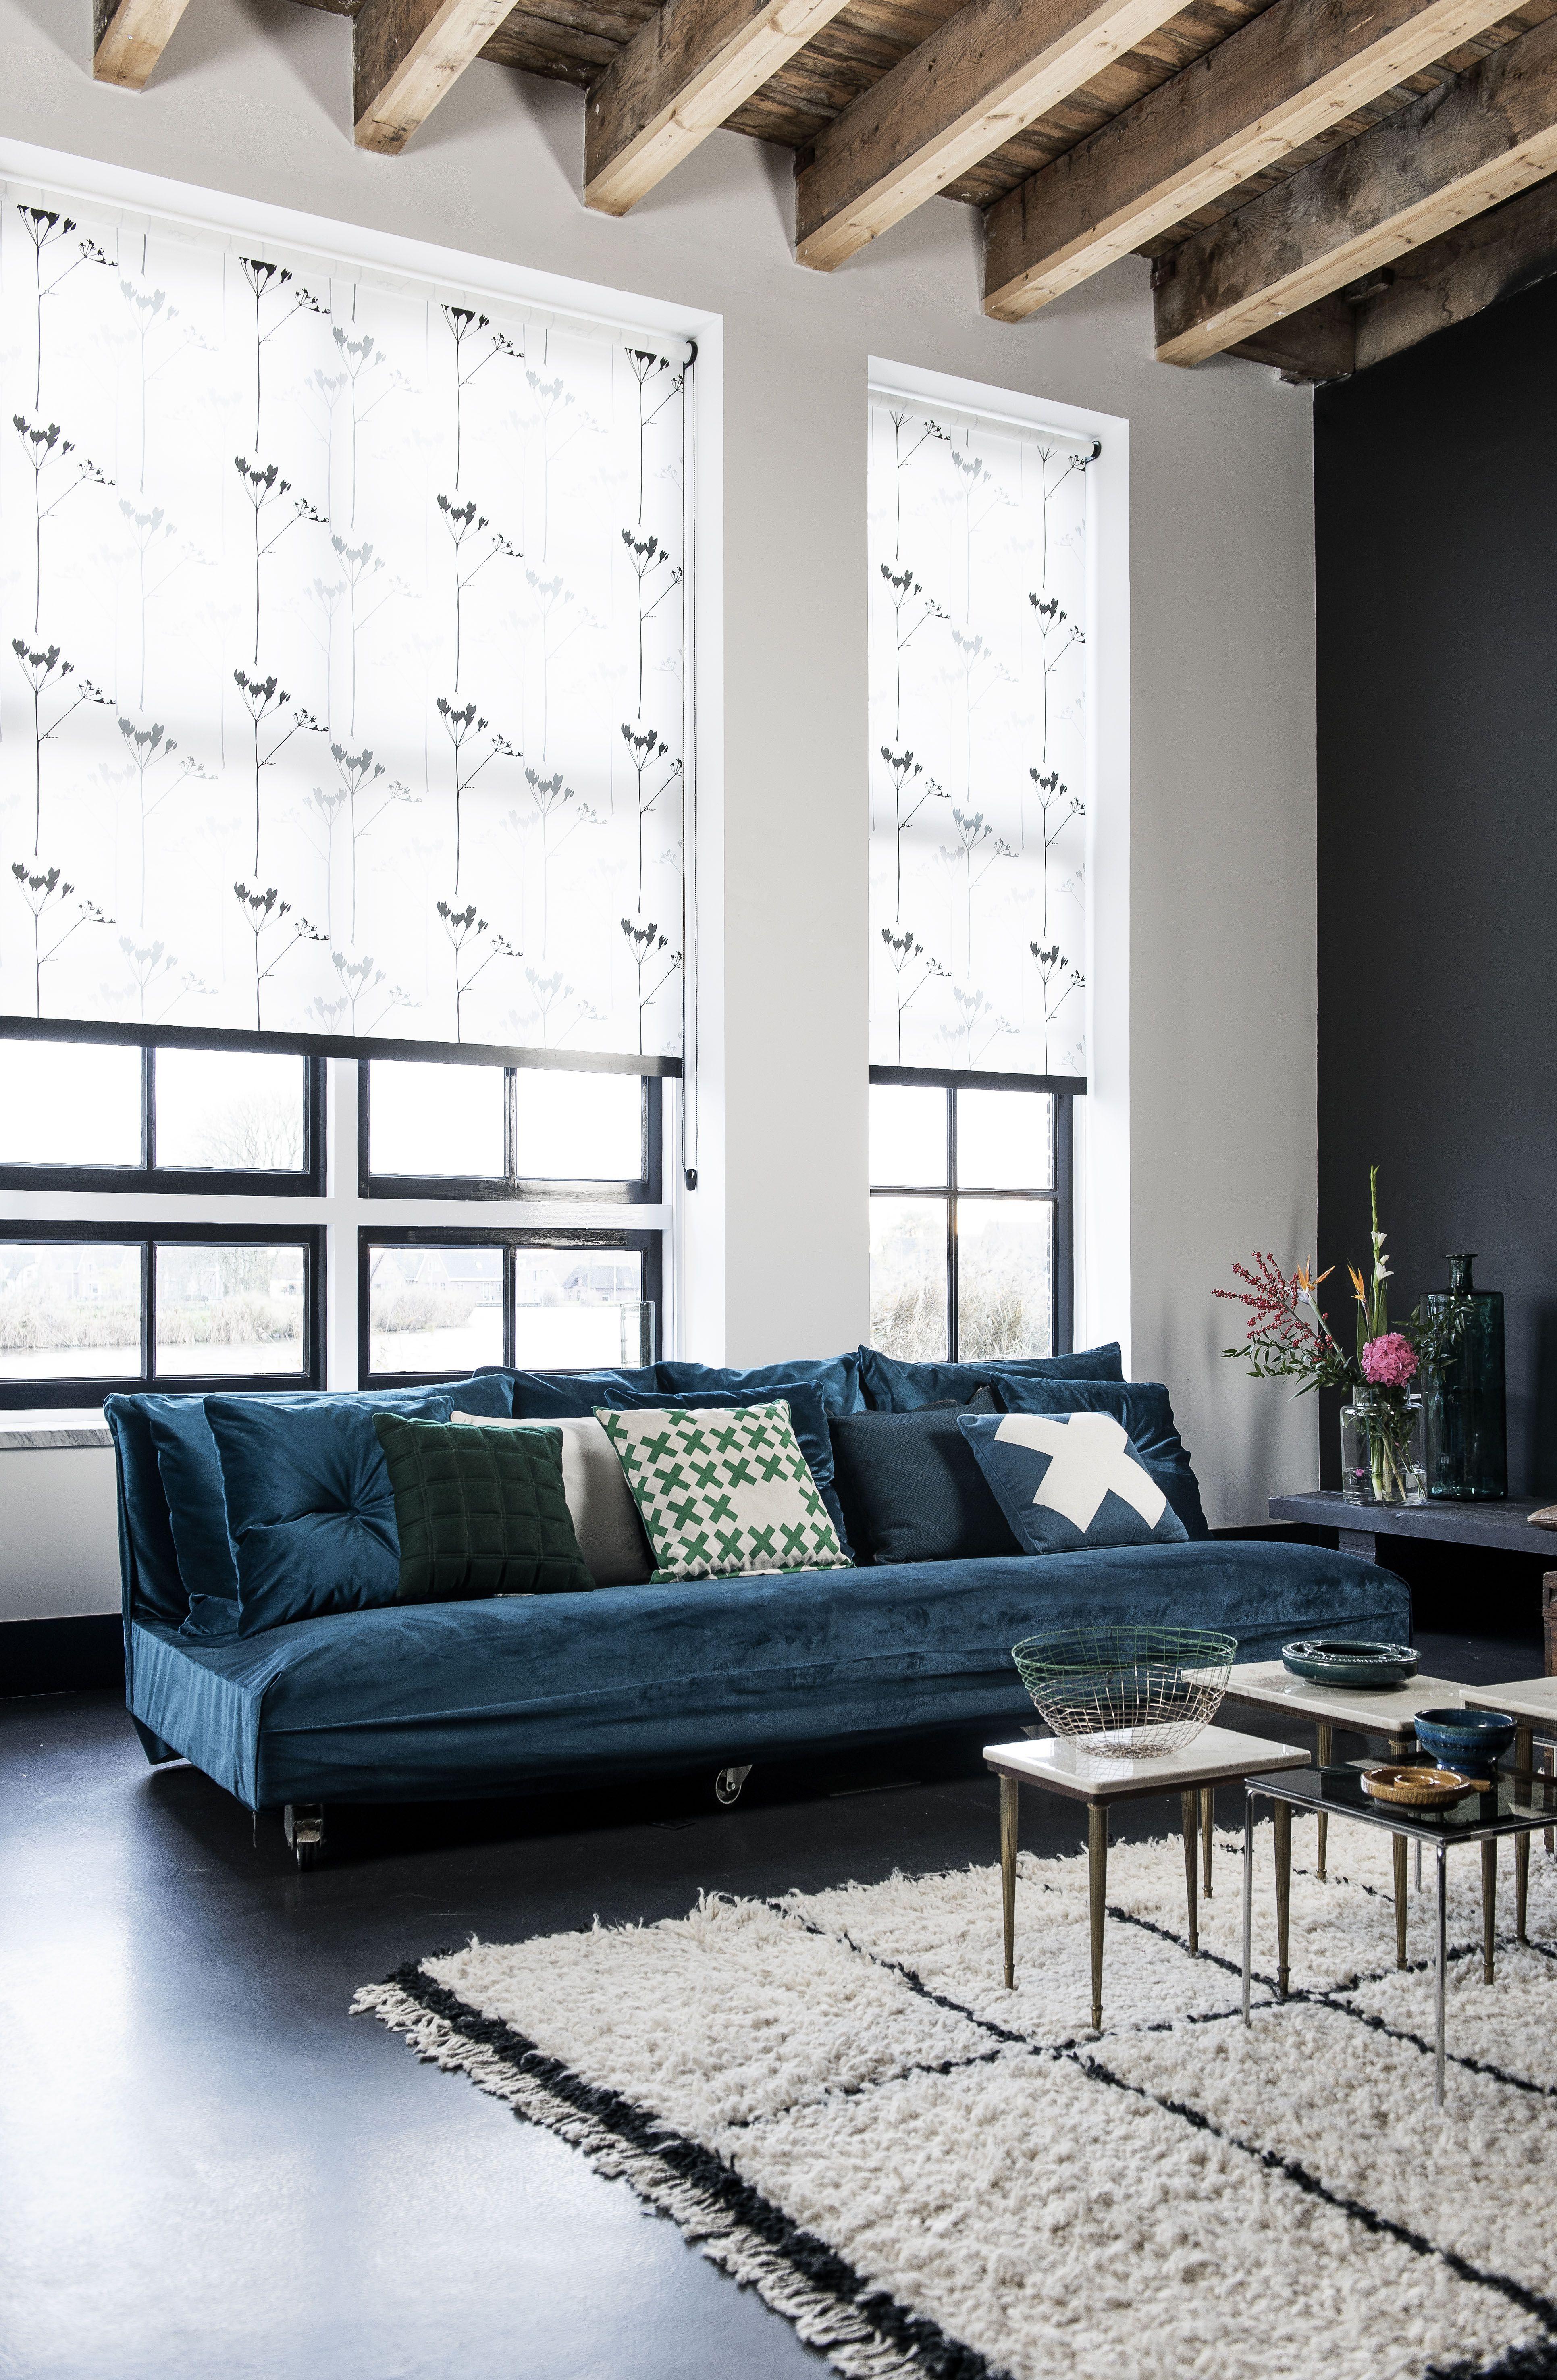 Mooie details #rolgordijn #raamdecoratie #wit #blauw #zwart ...